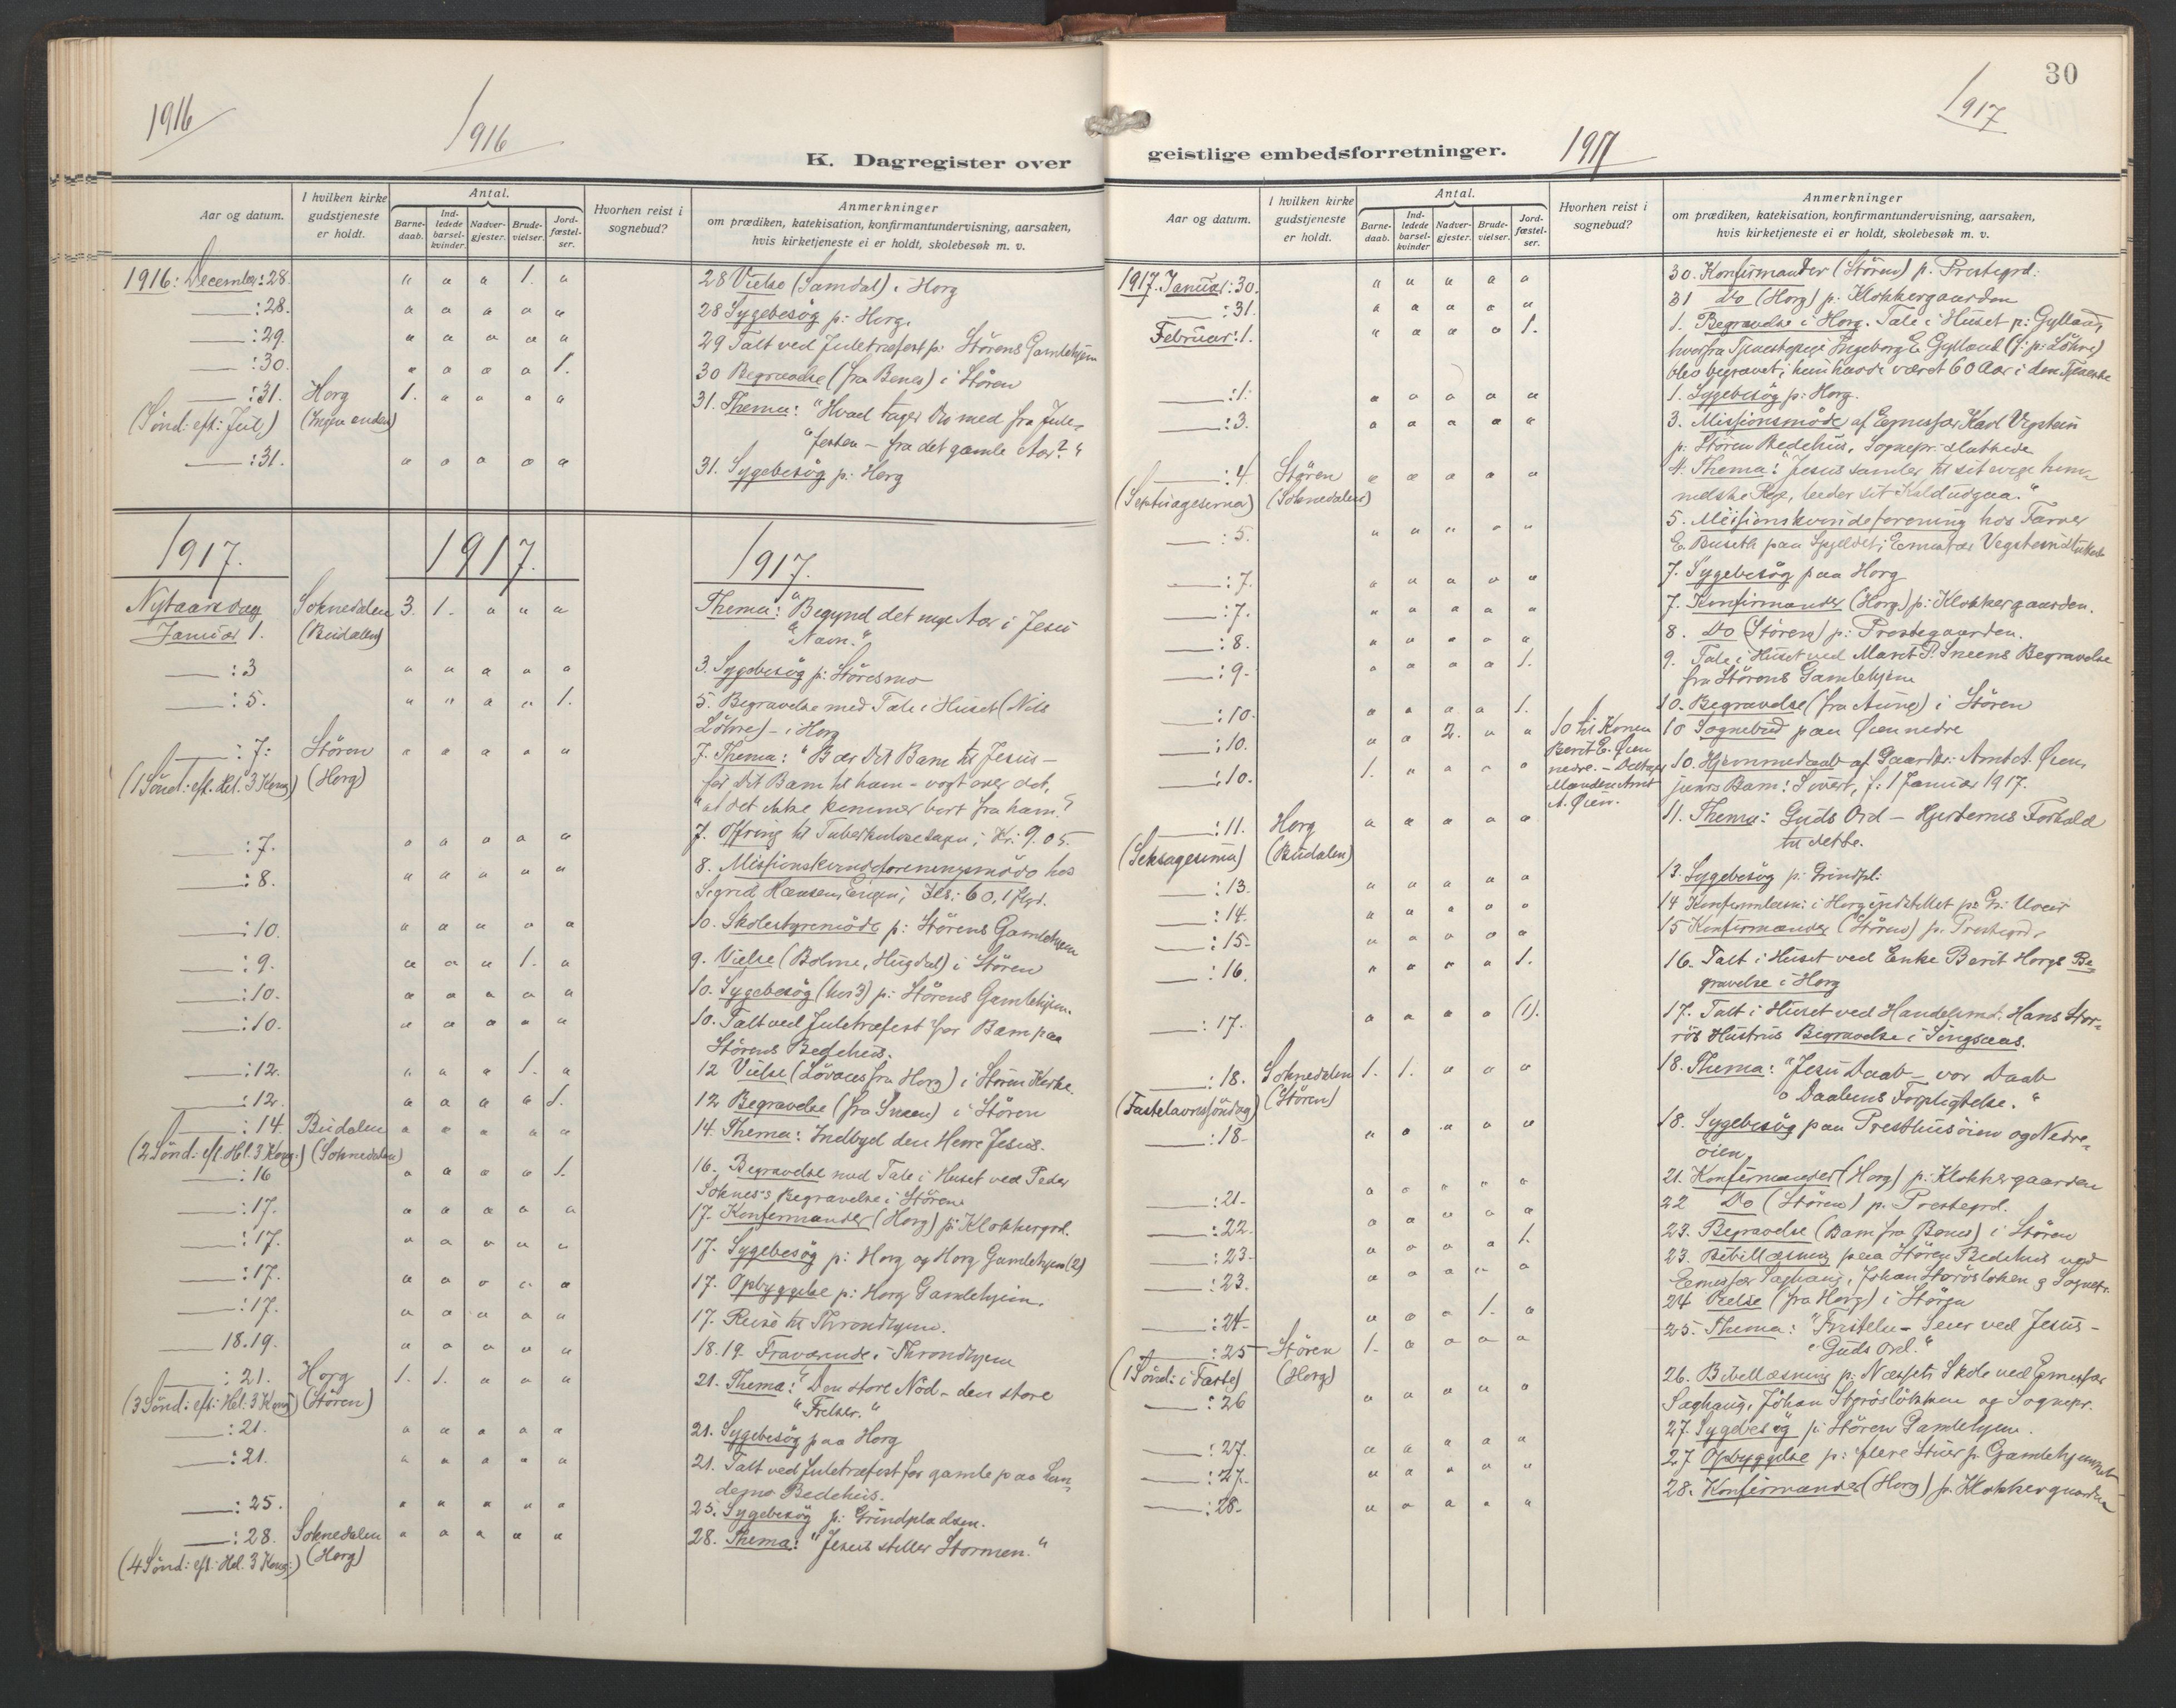 SAT, Ministerialprotokoller, klokkerbøker og fødselsregistre - Sør-Trøndelag, 687/L1006: Dagregister nr. 687A12, 1912-1931, s. 30